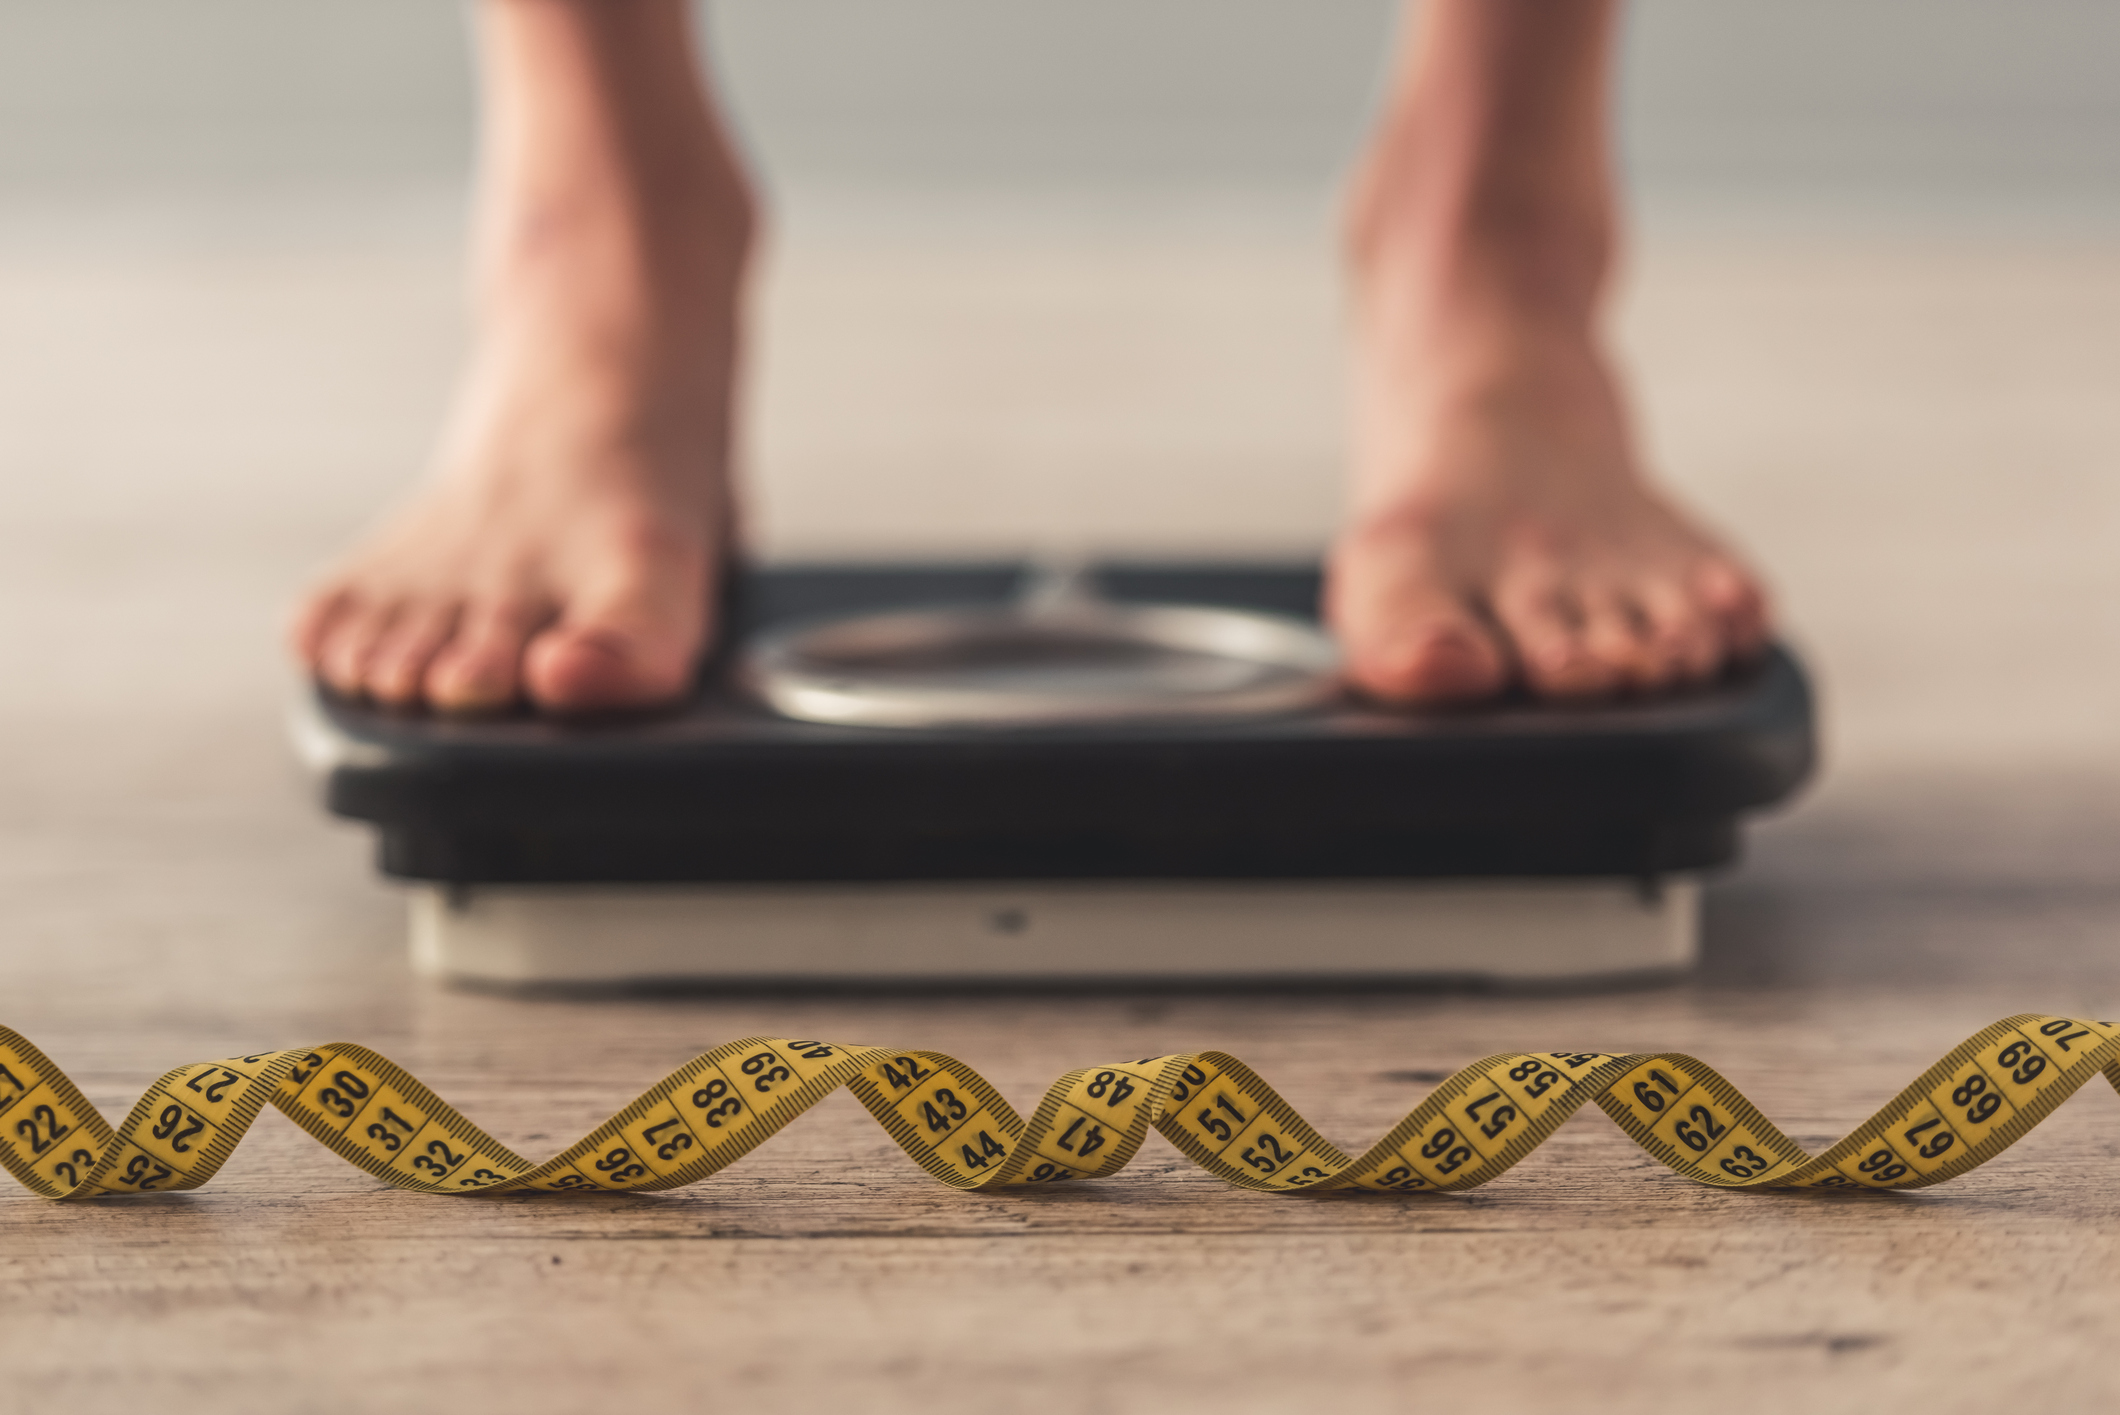 cel mai bun mod de a măsura pentru pierderea în greutate